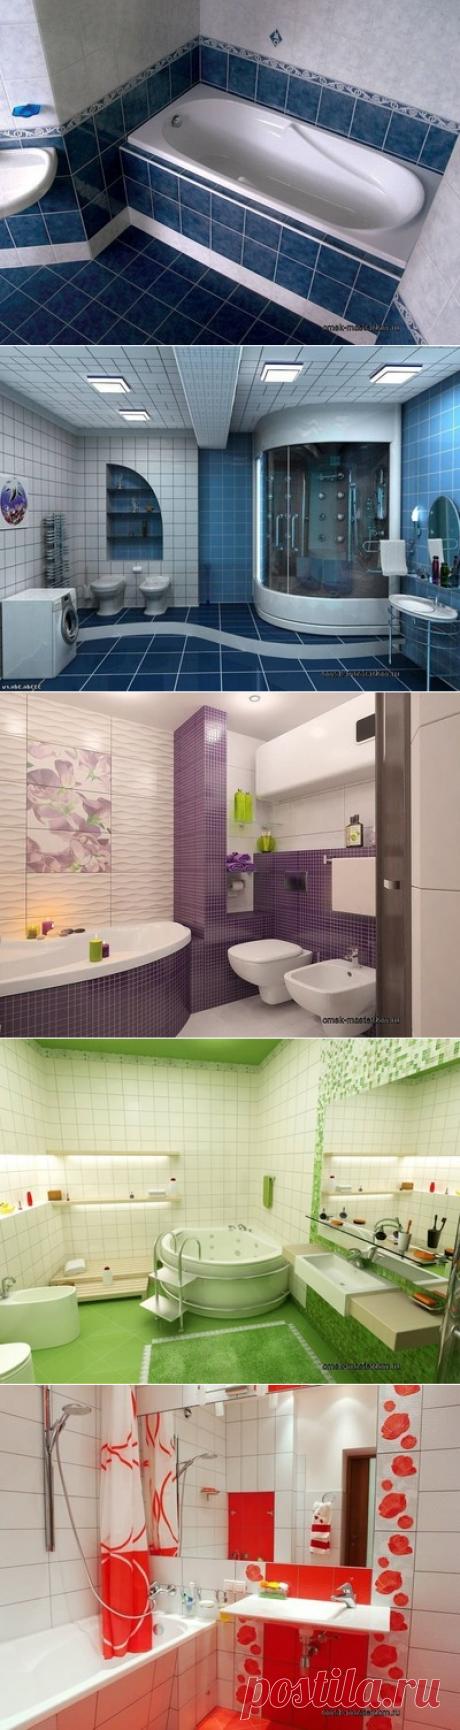 Ремонт ванной комнаты под ключ - Низкие цены! Звони!